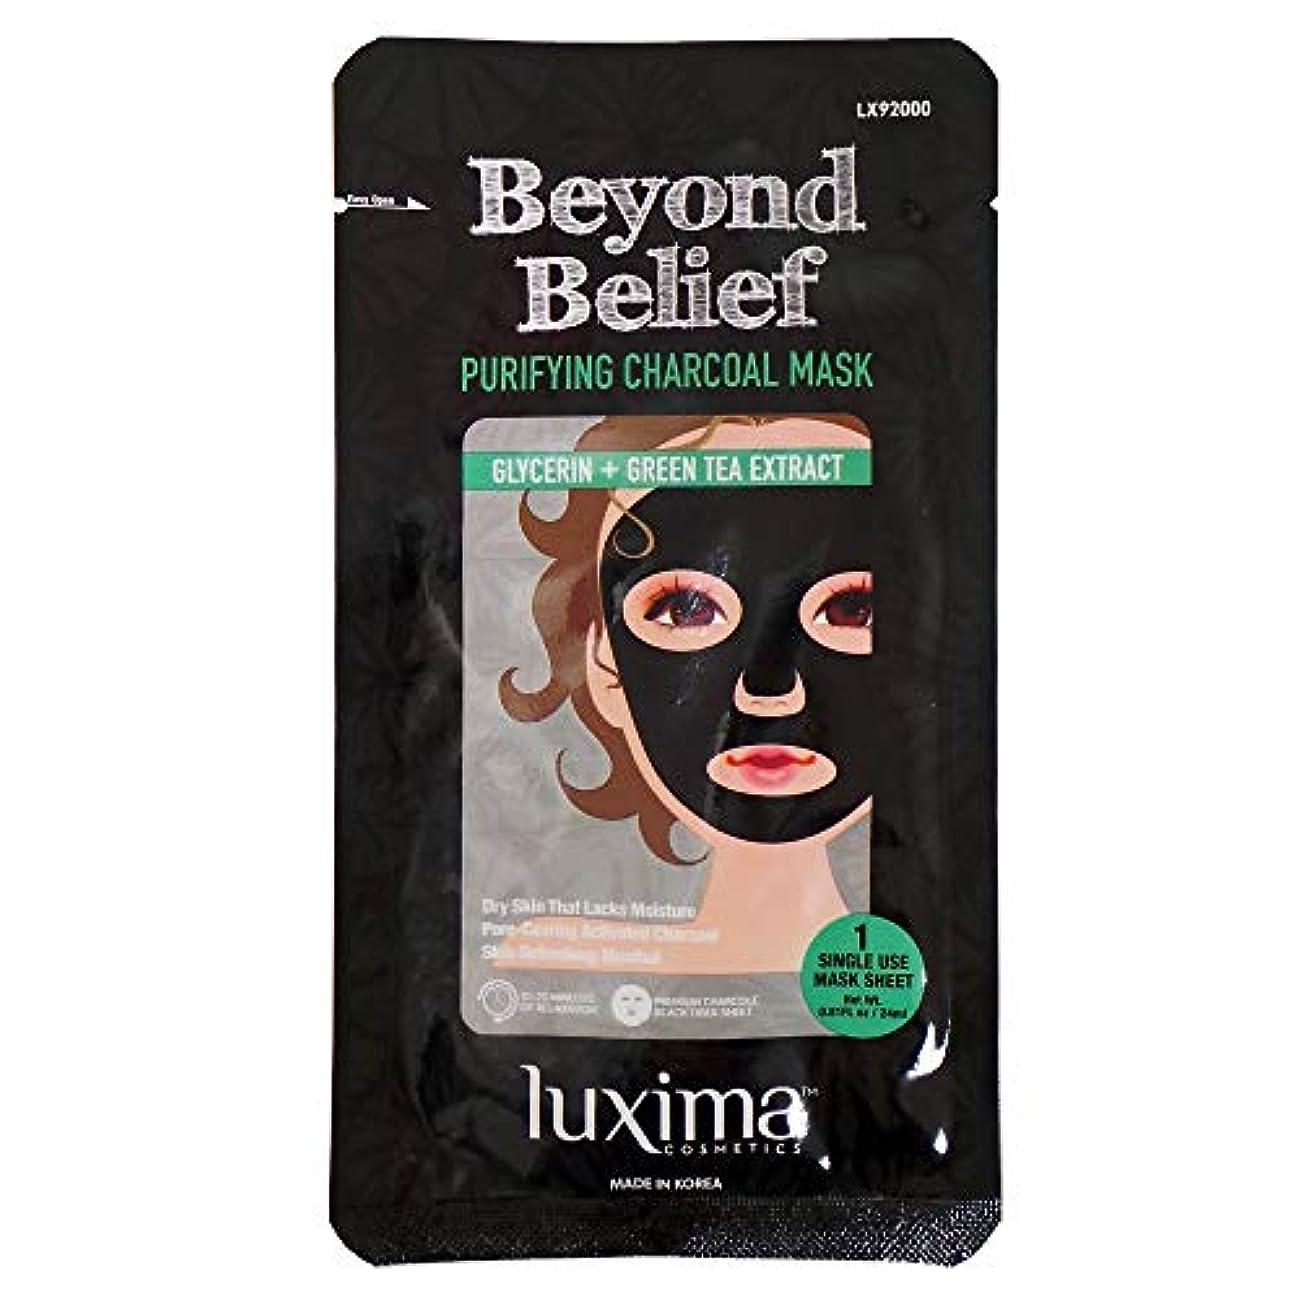 意義風が強いがっかりした(3 Pack) LUXIMA Beyond Belief Purifying Charcoal Mask (並行輸入品)